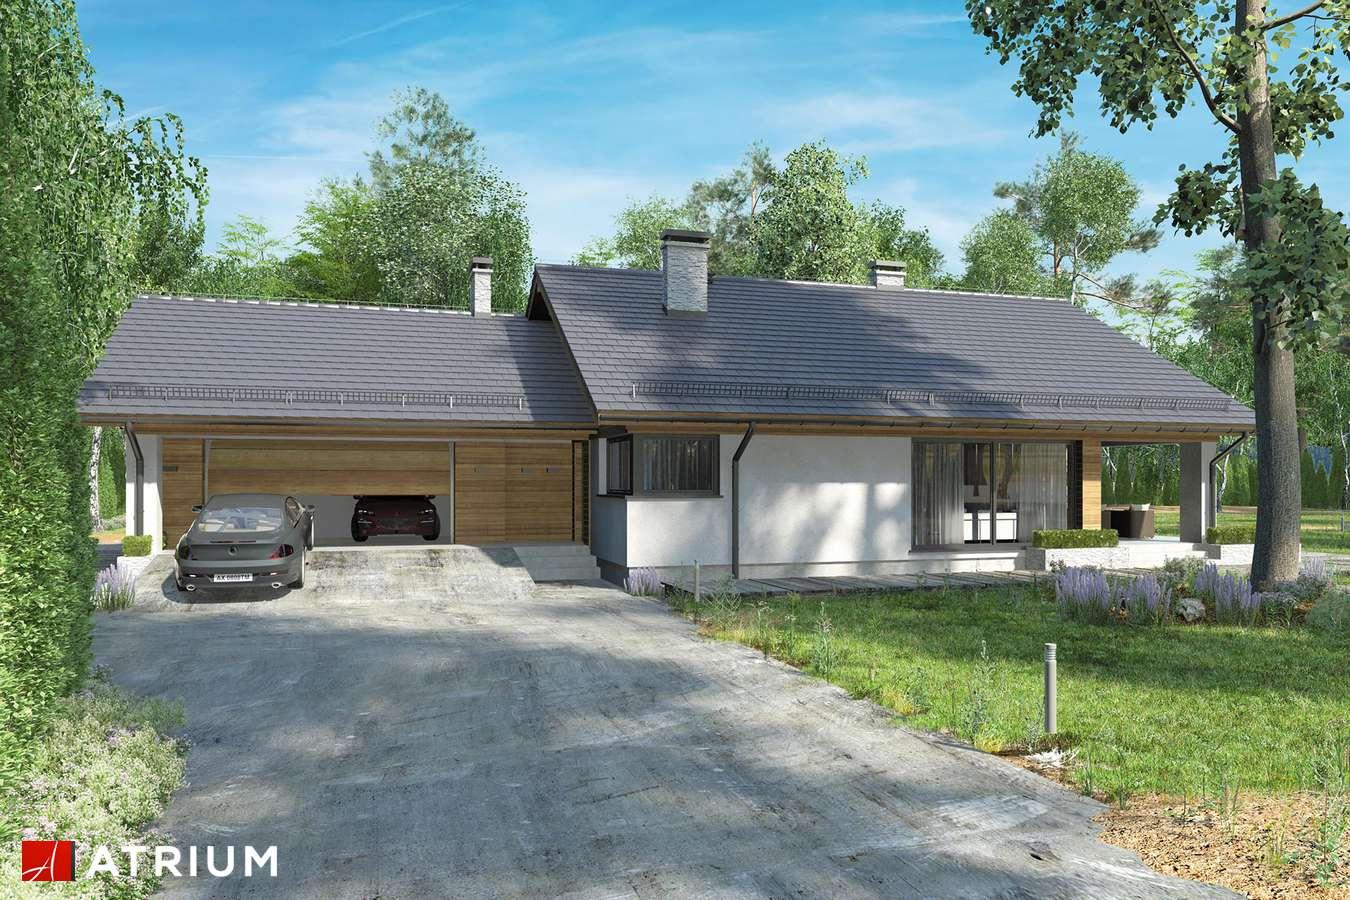 Projekty domów - Projekt domu z poddaszem KOS VI - wizualizacja 2 - wersja lustrzana